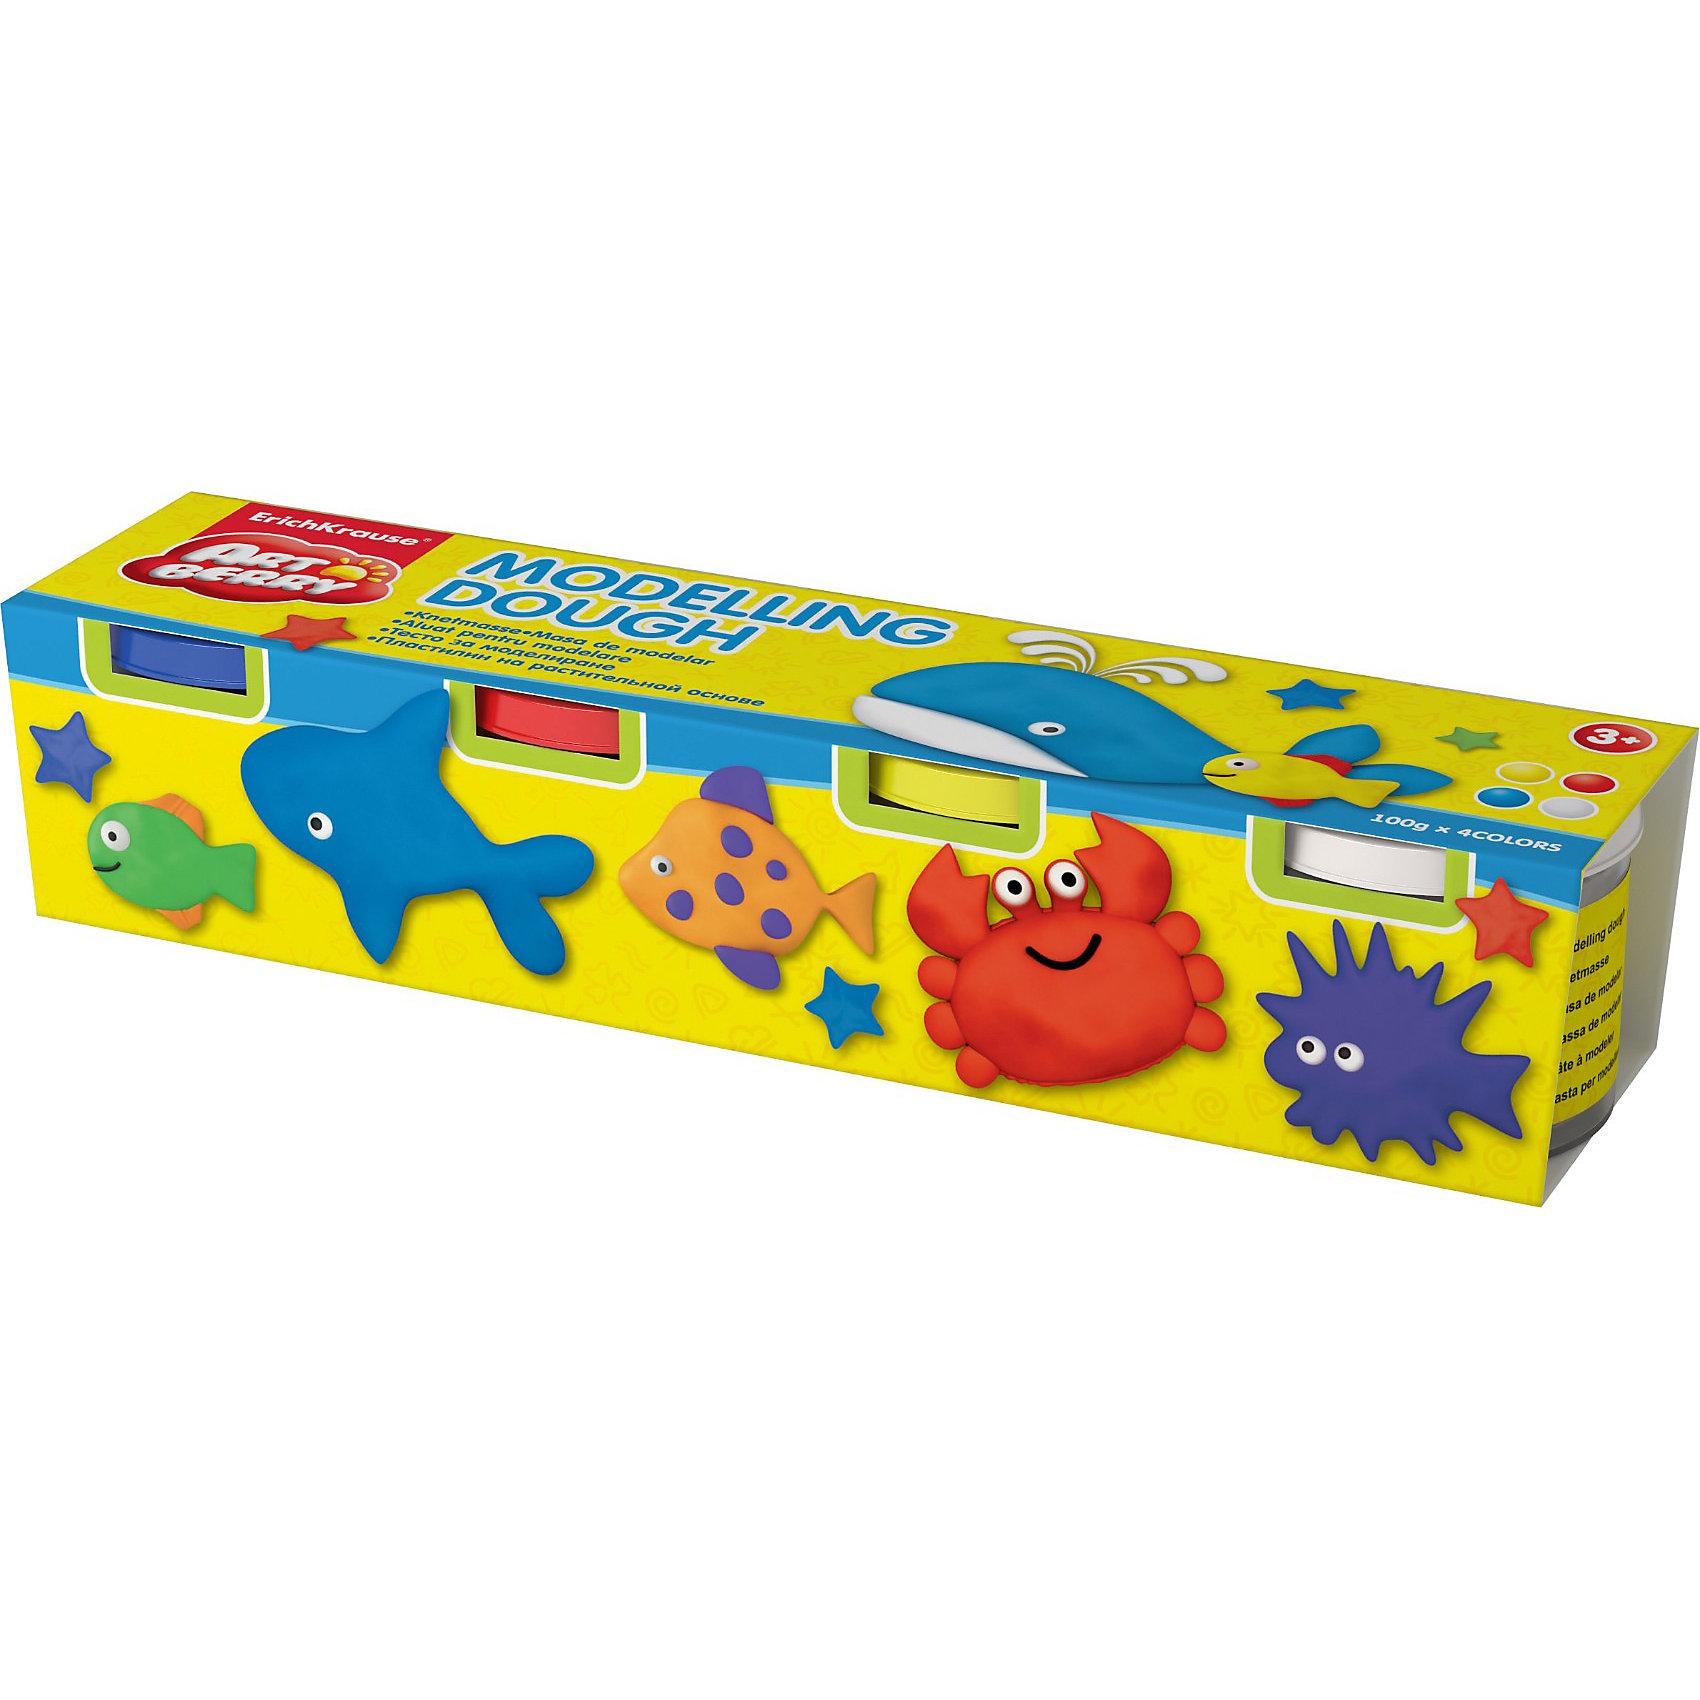 Пластилин на растительной основе Modelling Dough ArtberryПластилин на растительной основе Modelling Dough от Erich Krause (Эрих Краузе) абсолютно безопасен для Вашего малыша!<br><br>Дополнительная информация:<br><br>Состав: 4 цветов по 100 гр., <br>упаковка- картонный рукав<br><br>Ширина мм: 200<br>Глубина мм: 40<br>Высота мм: 40<br>Вес г: 503<br>Возраст от месяцев: 36<br>Возраст до месяцев: 144<br>Пол: Унисекс<br>Возраст: Детский<br>SKU: 3293897